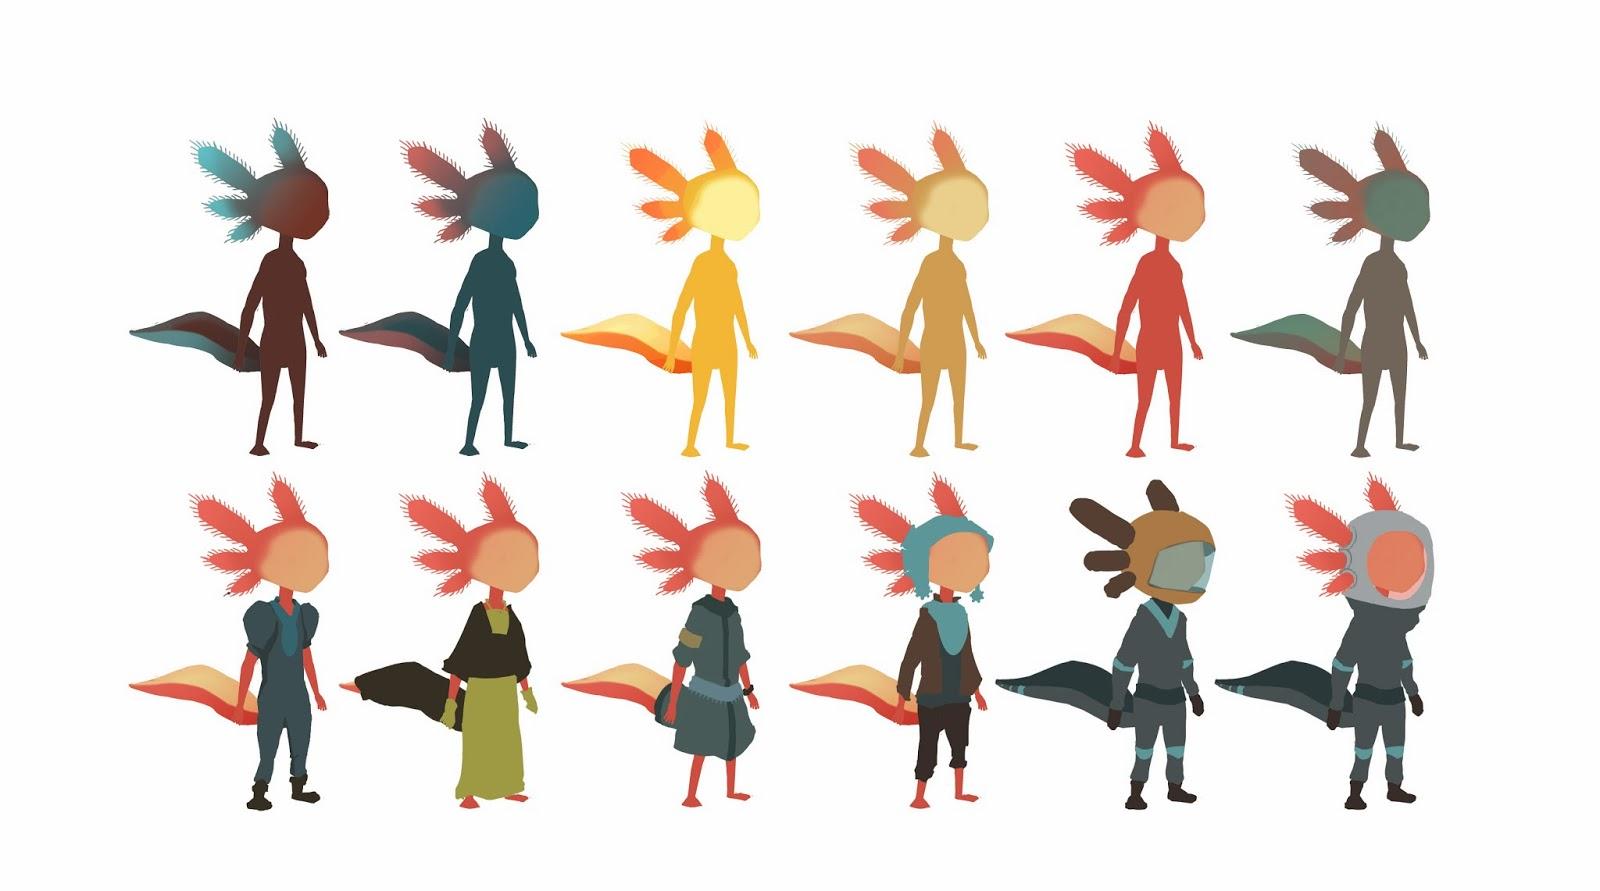 recherche graphique Indie-Game Axolotl